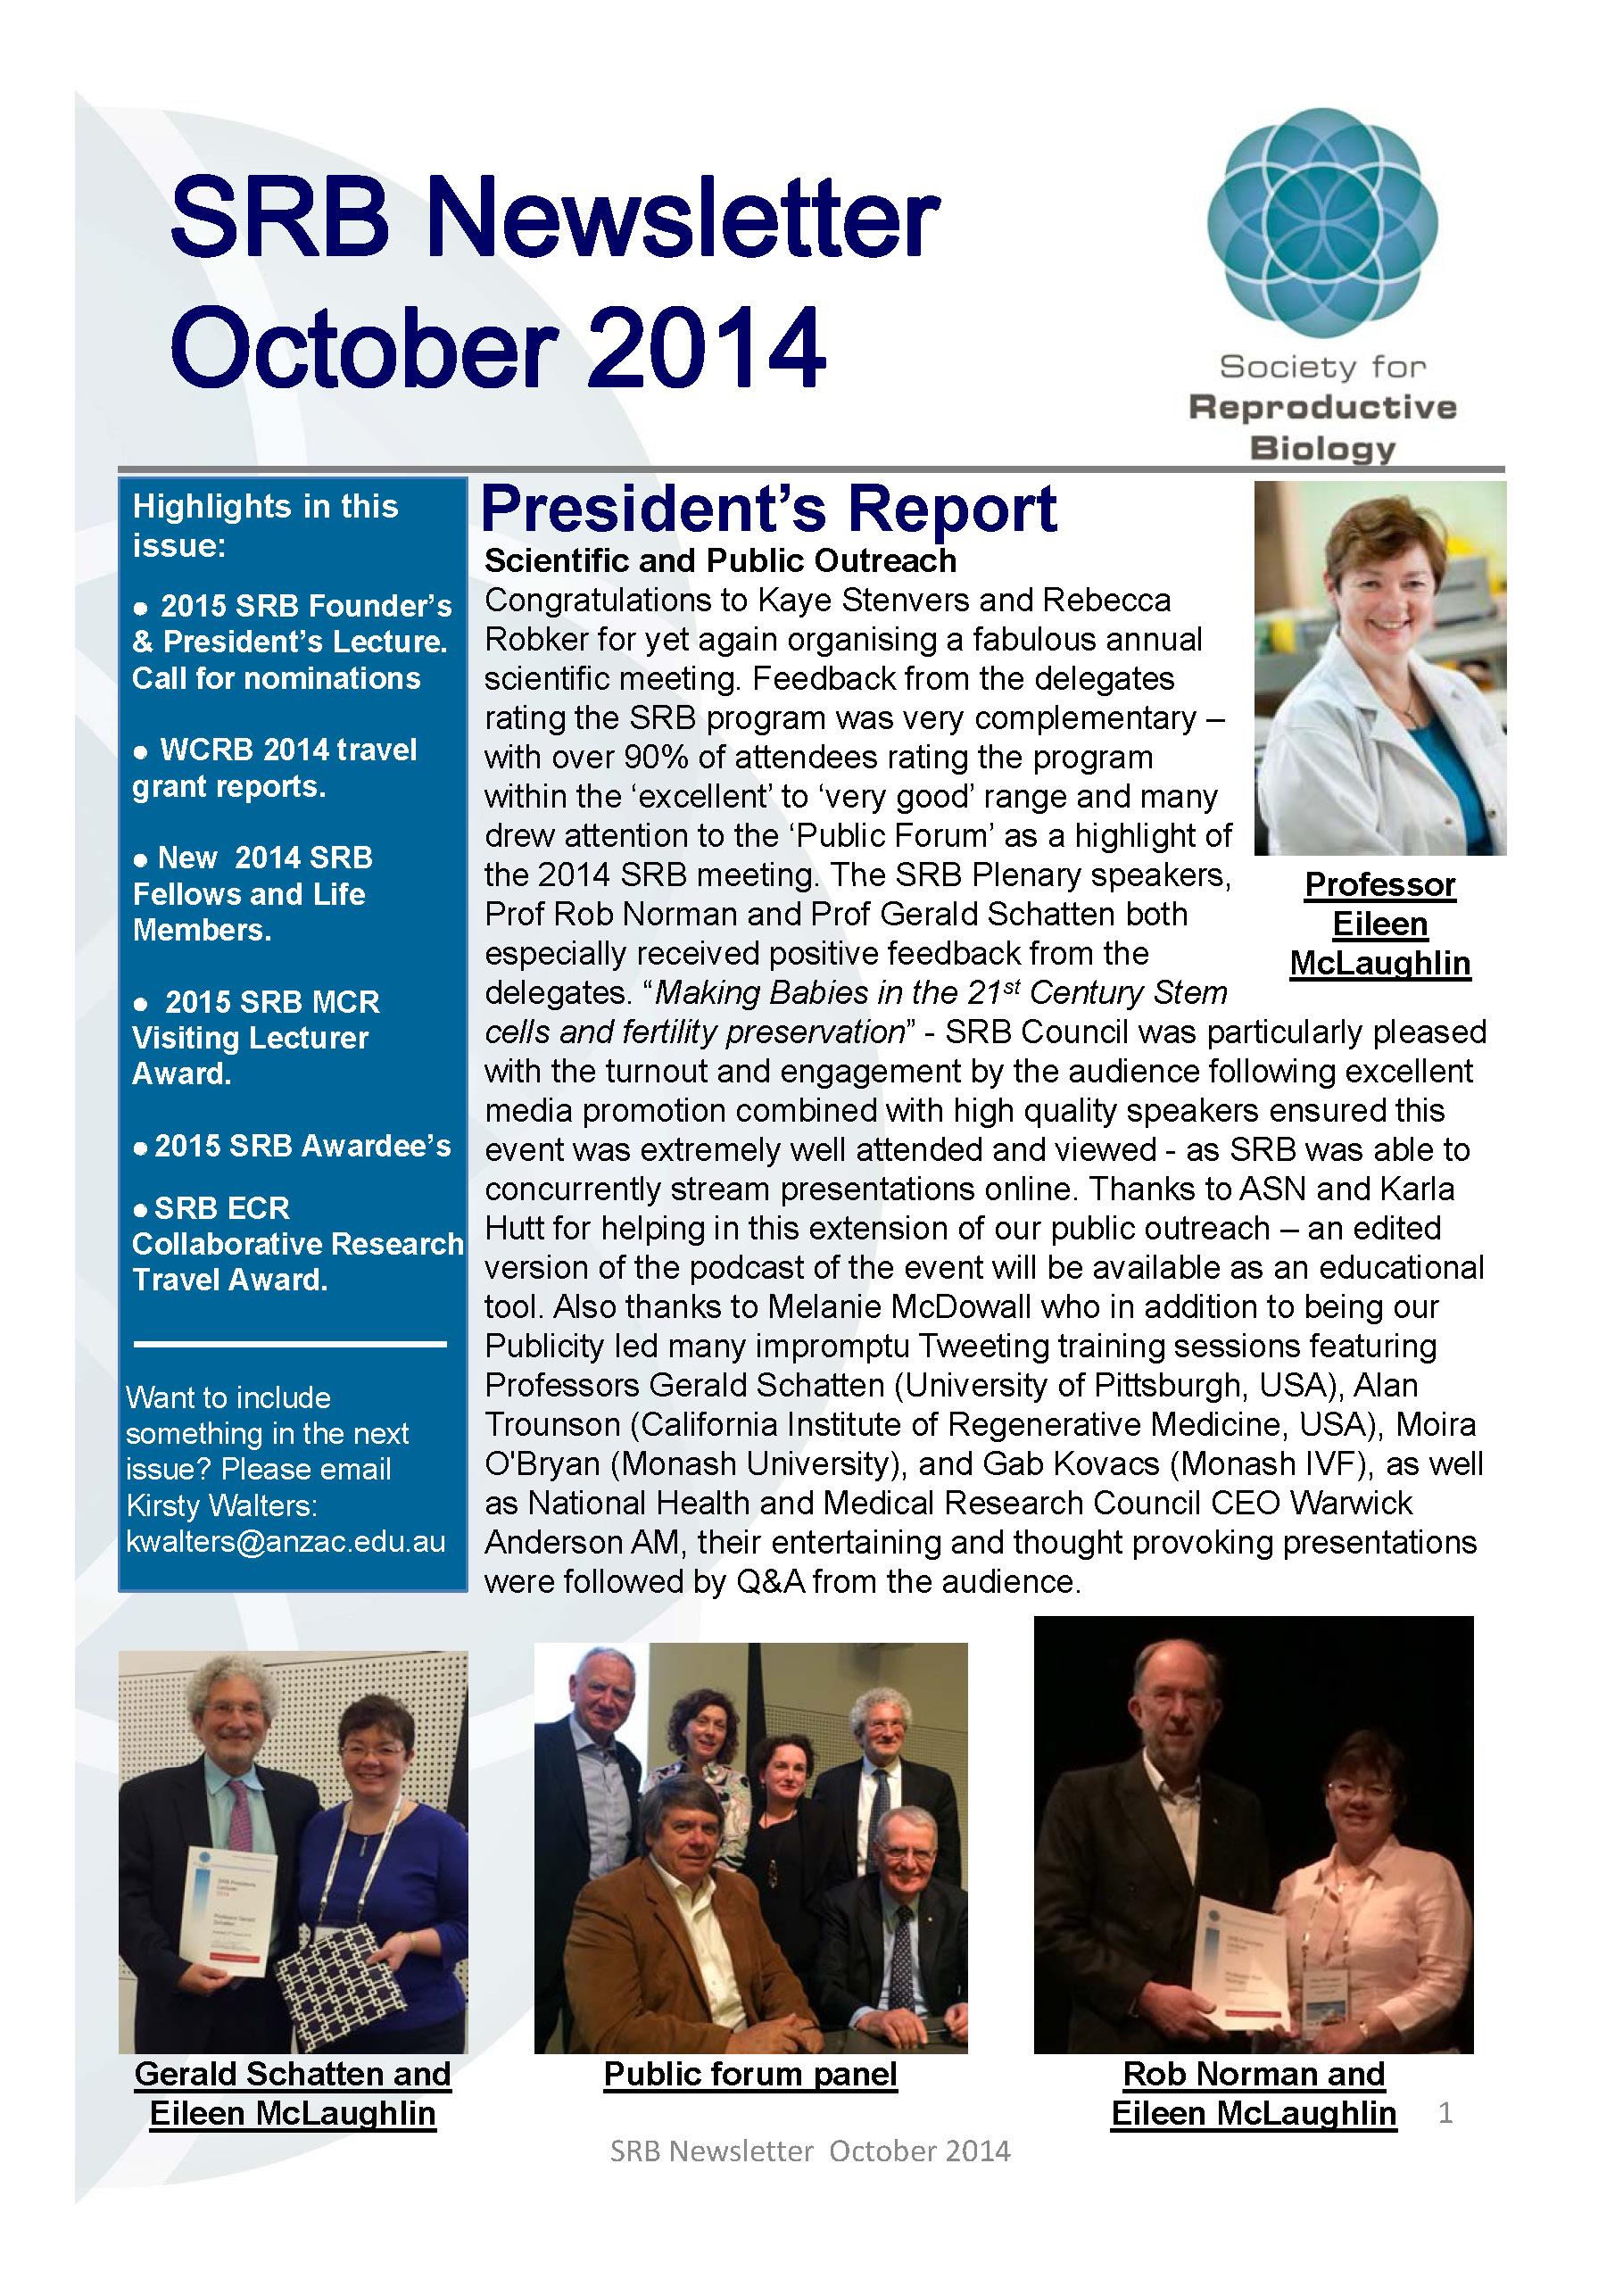 FinalSRBNewsletterOctober2014_Page_01.jpg